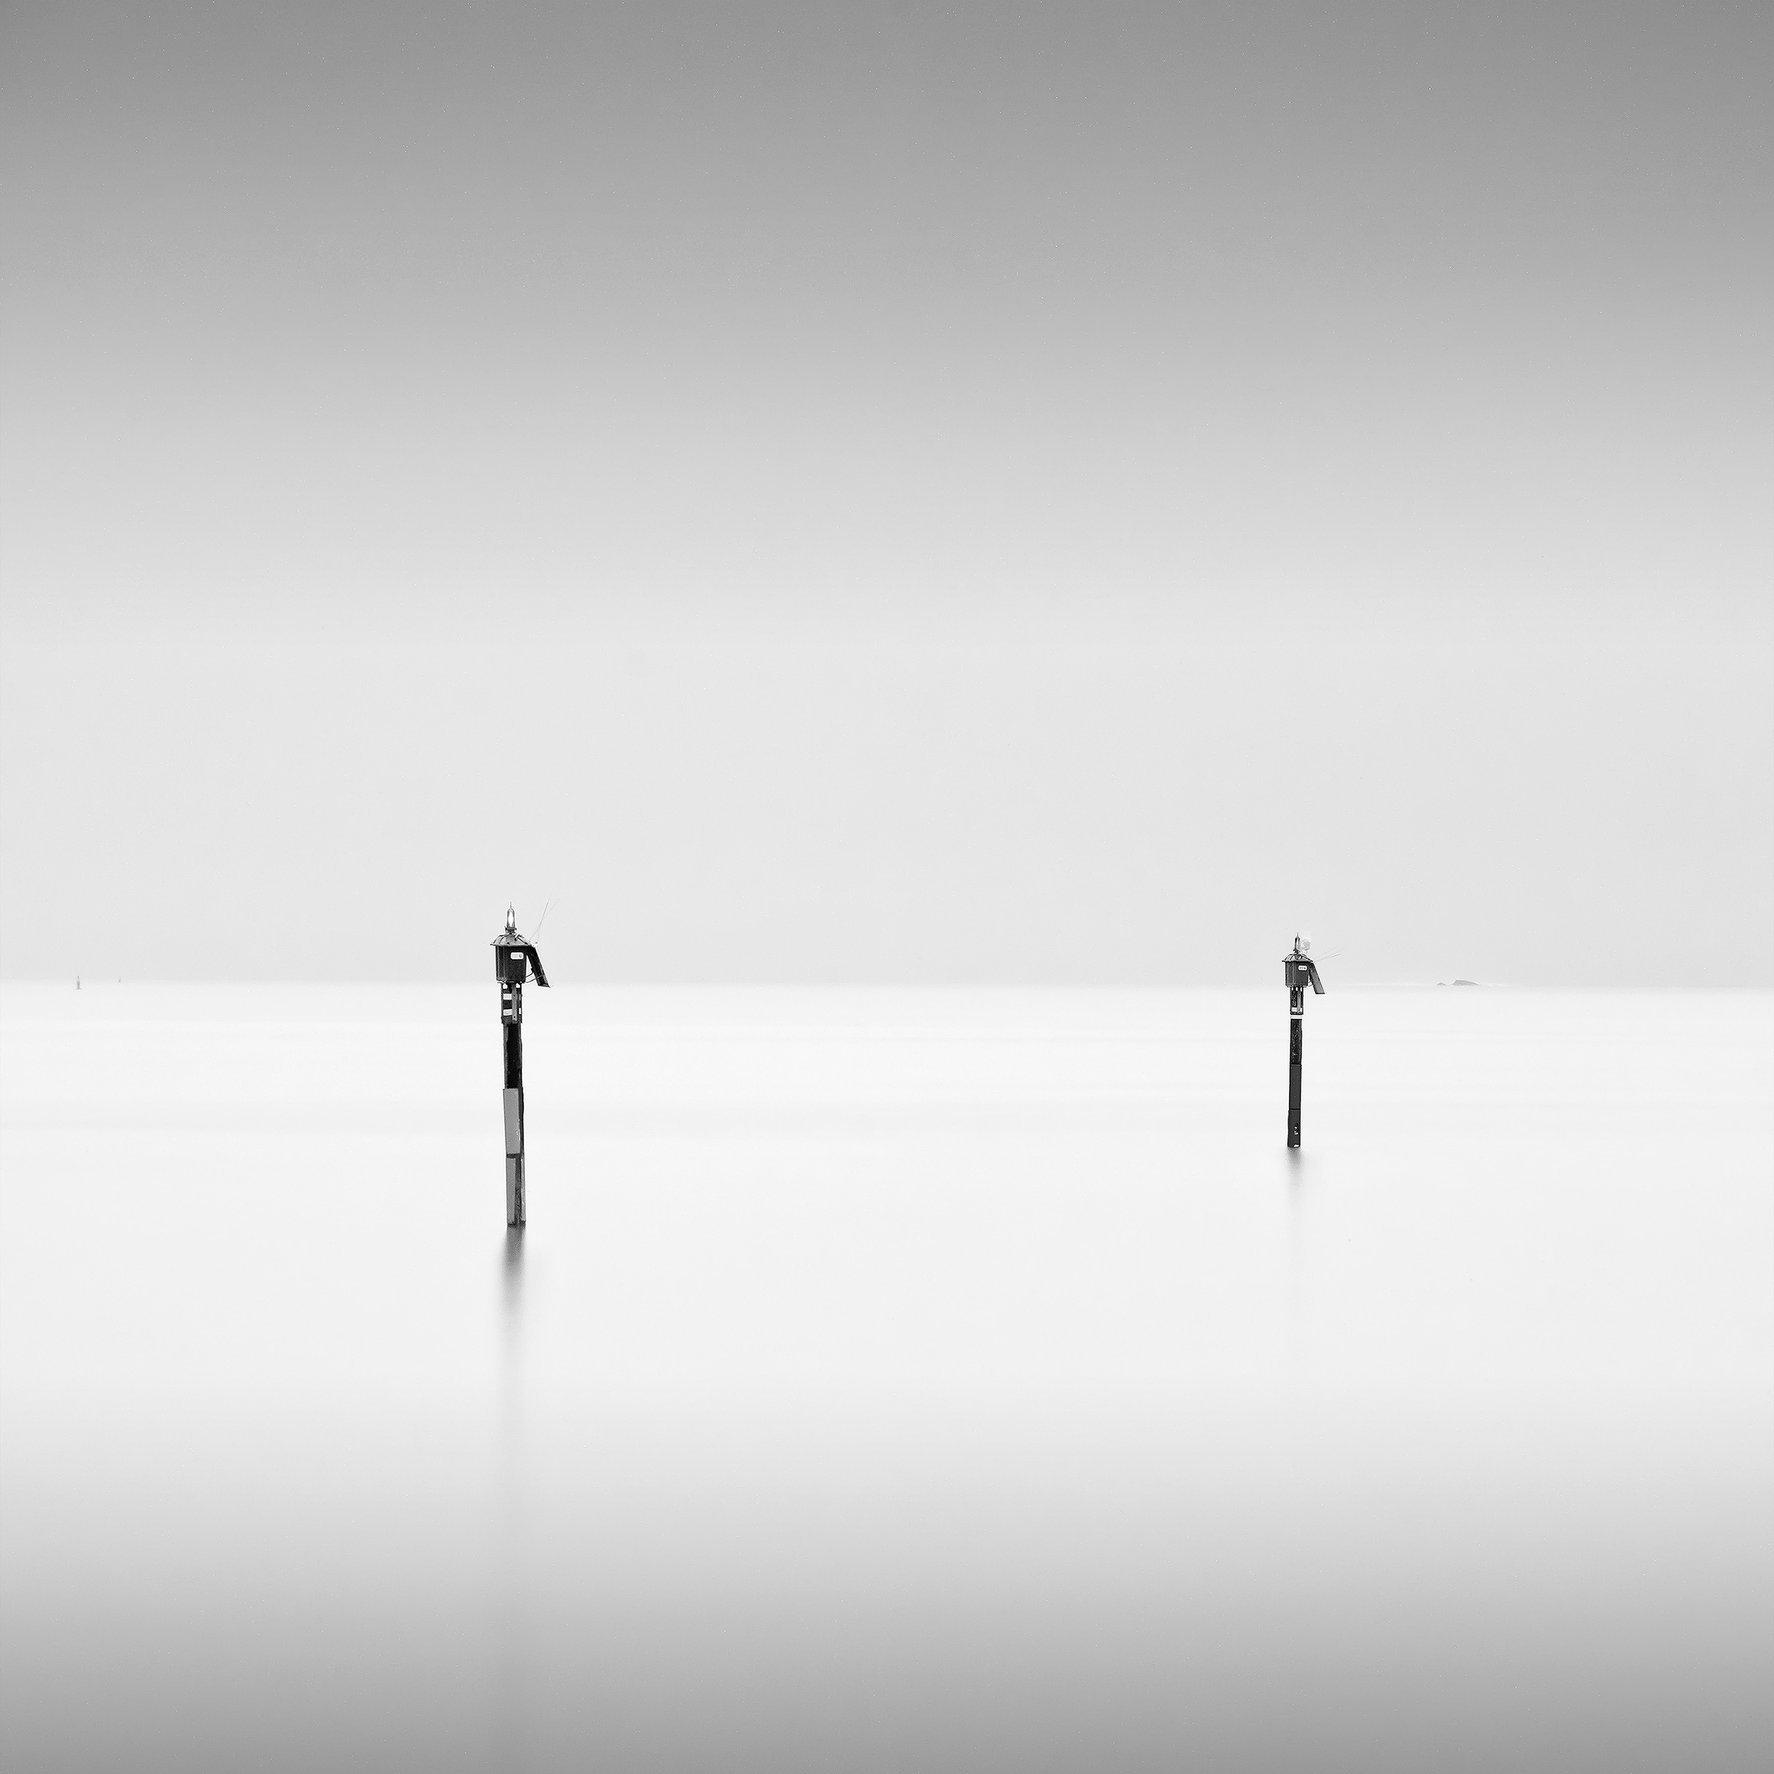 Lioght Beacons, Dungarvan Harbour